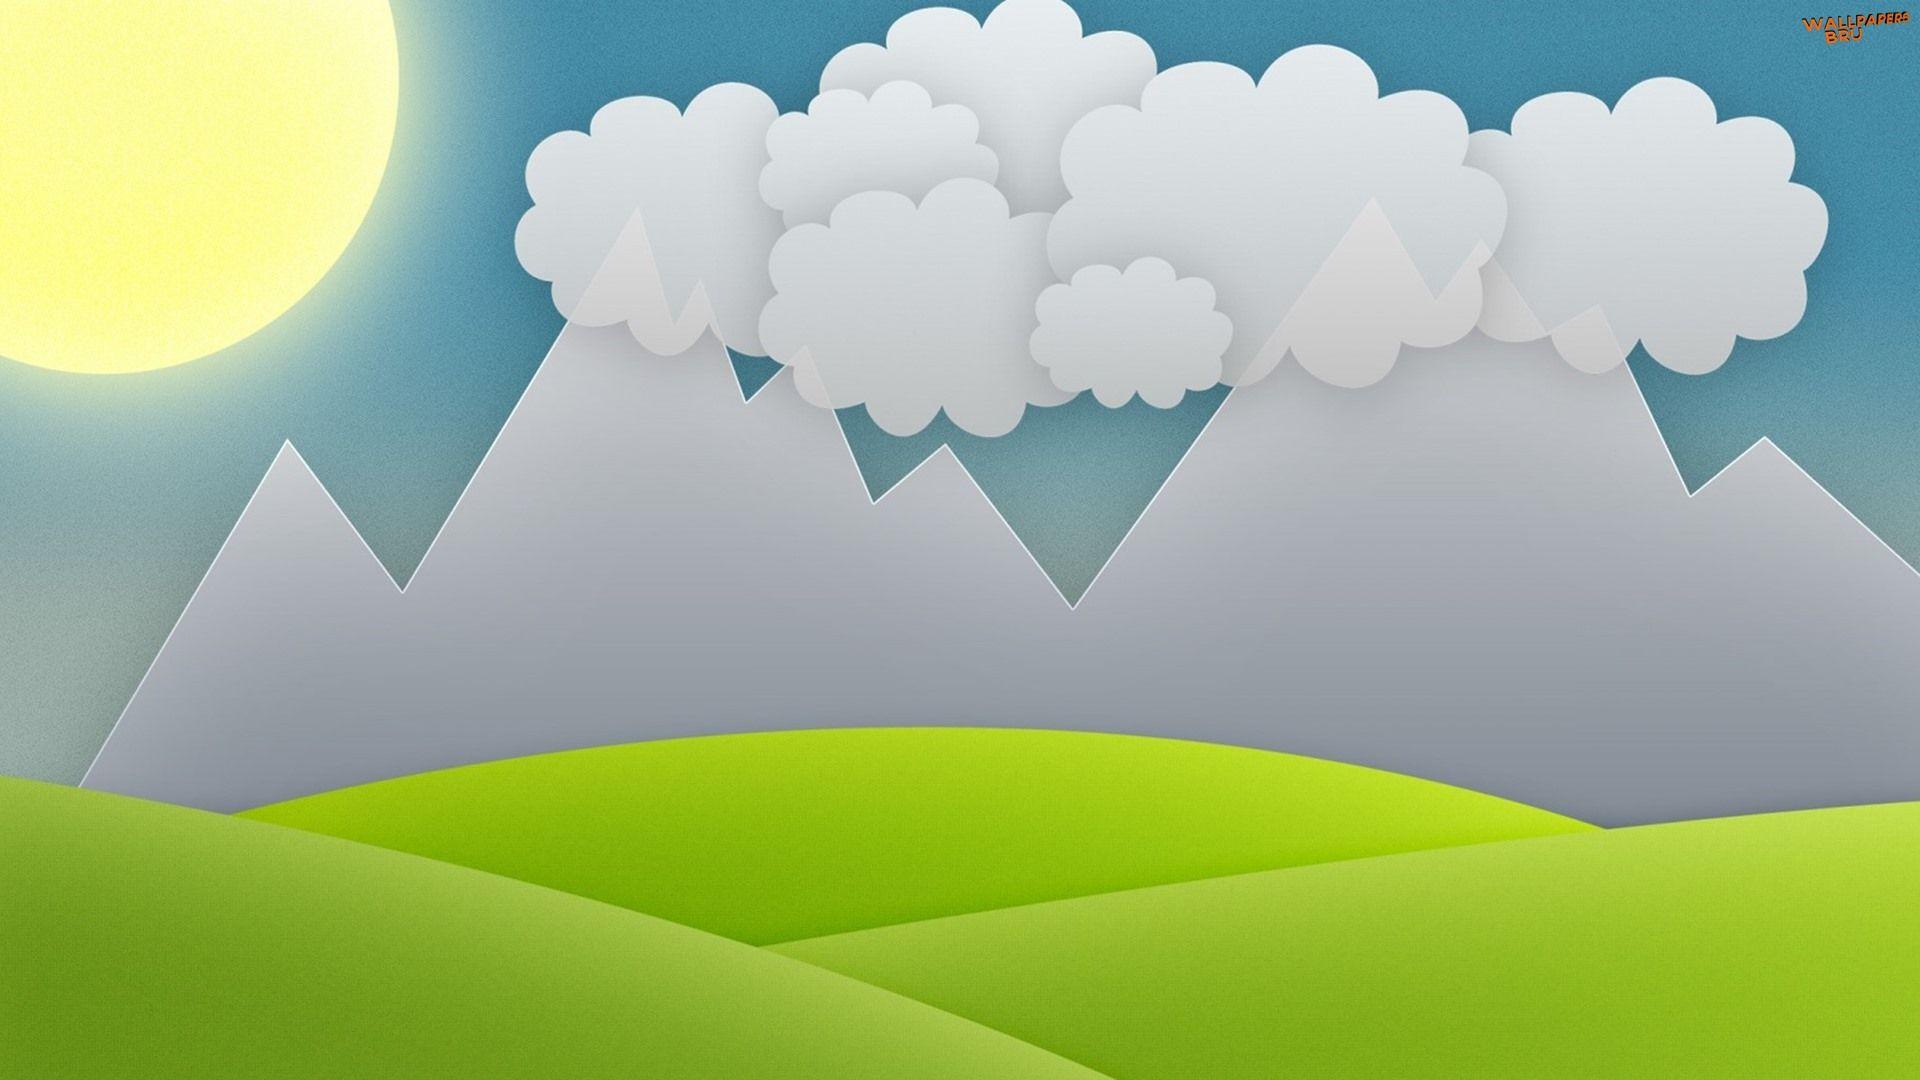 Sky Vector wallpaper background